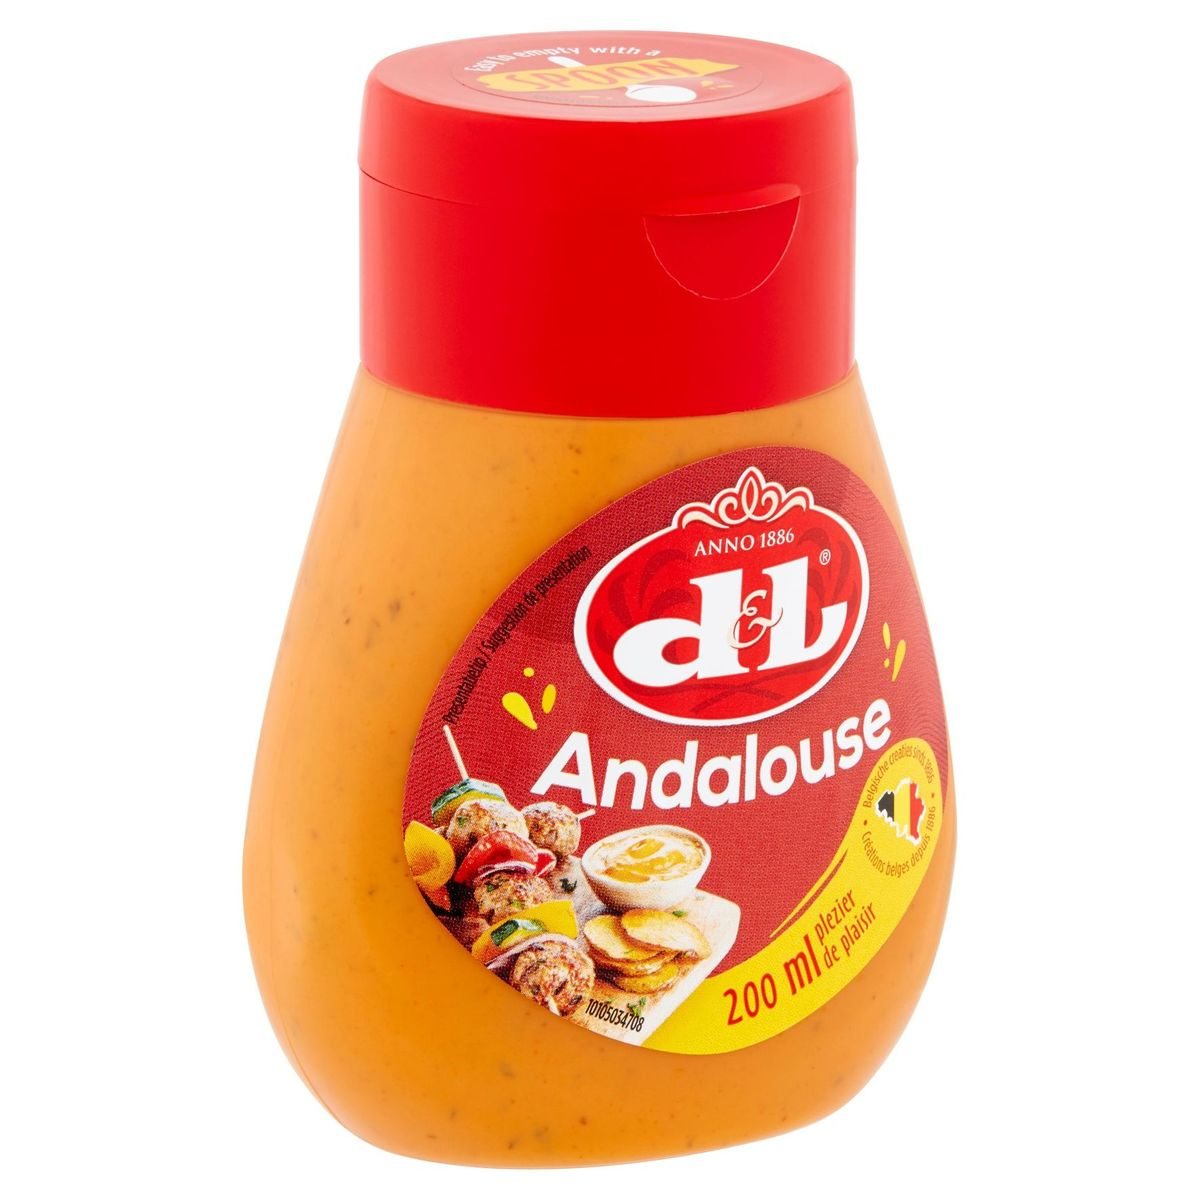 D&L Andalouse 200 ml